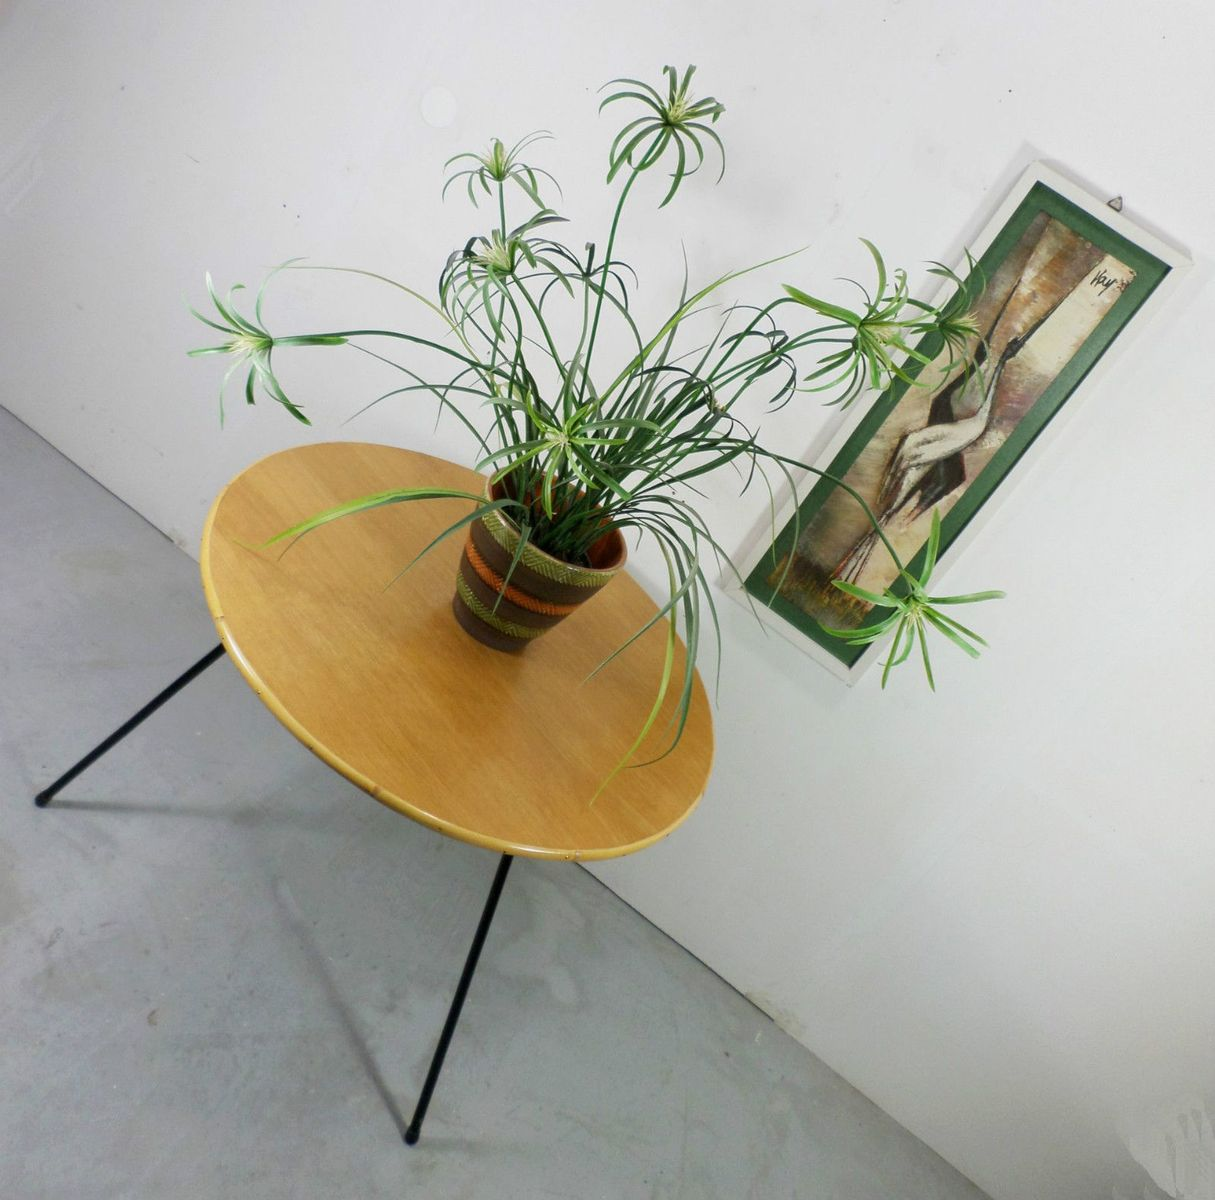 Deutscher couchtisch aus eiche bambus metall 1950er - Couchtisch bambus ...